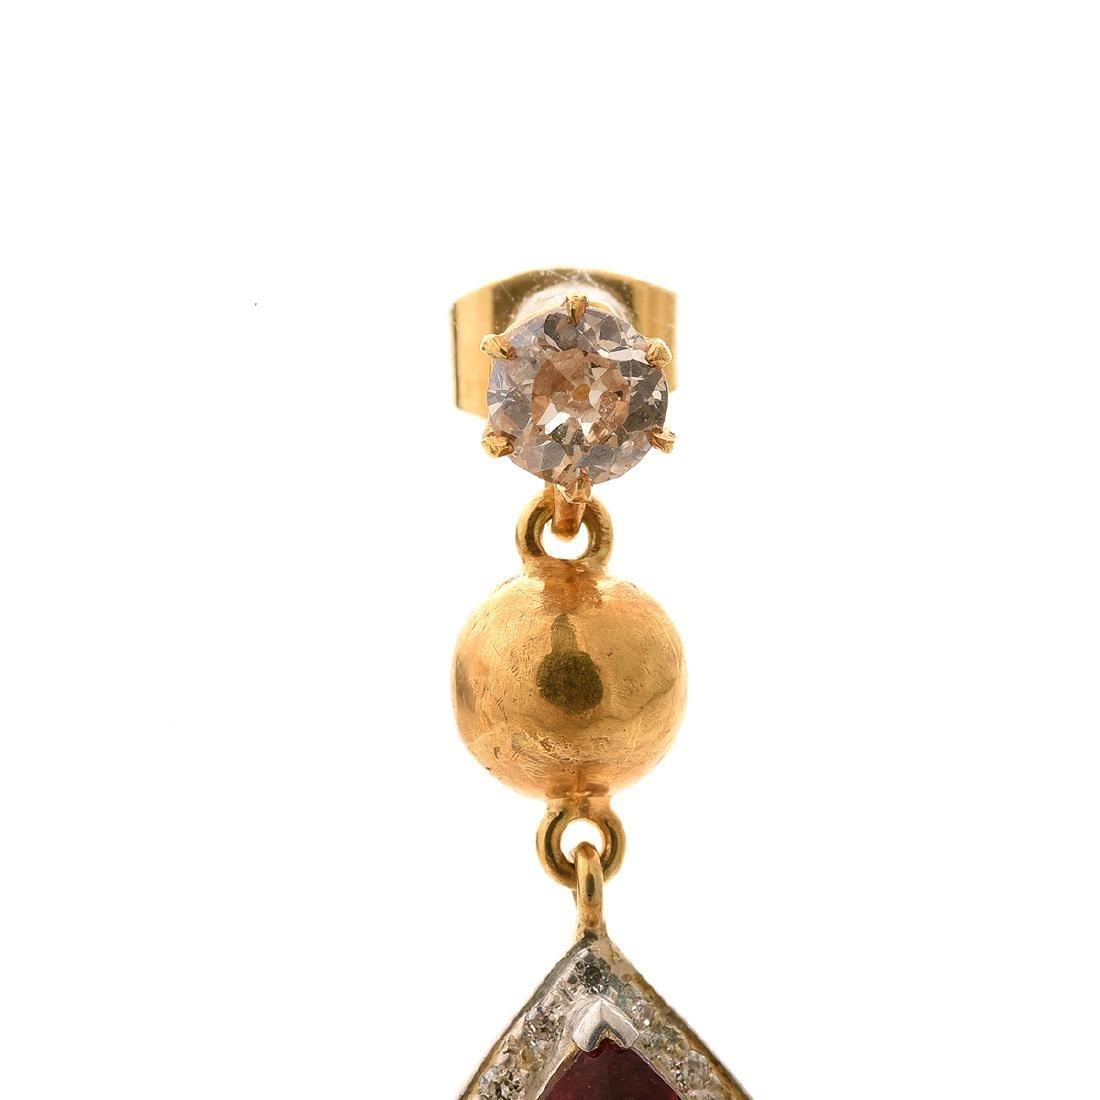 Pair of Tourmaline, Diamond, Silver-Gilt Earrings. - 2